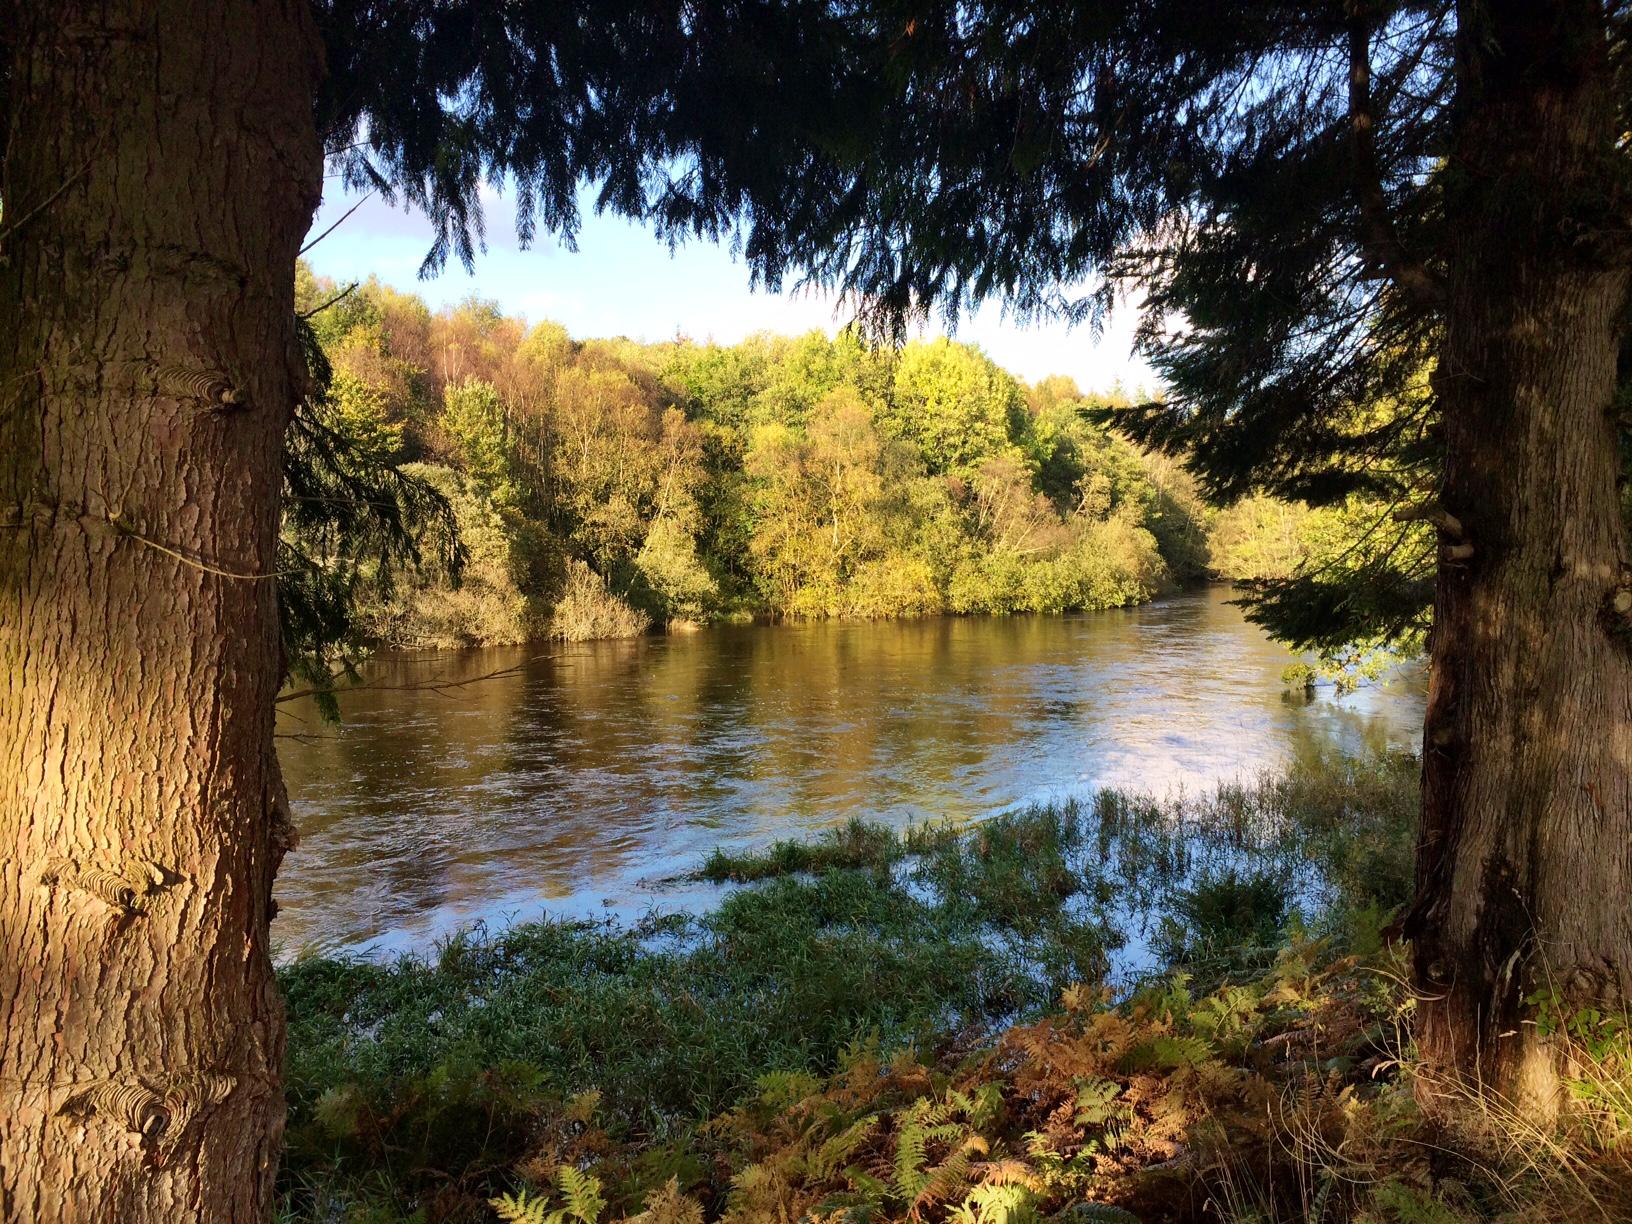 From Loch Ken to Loch Doon